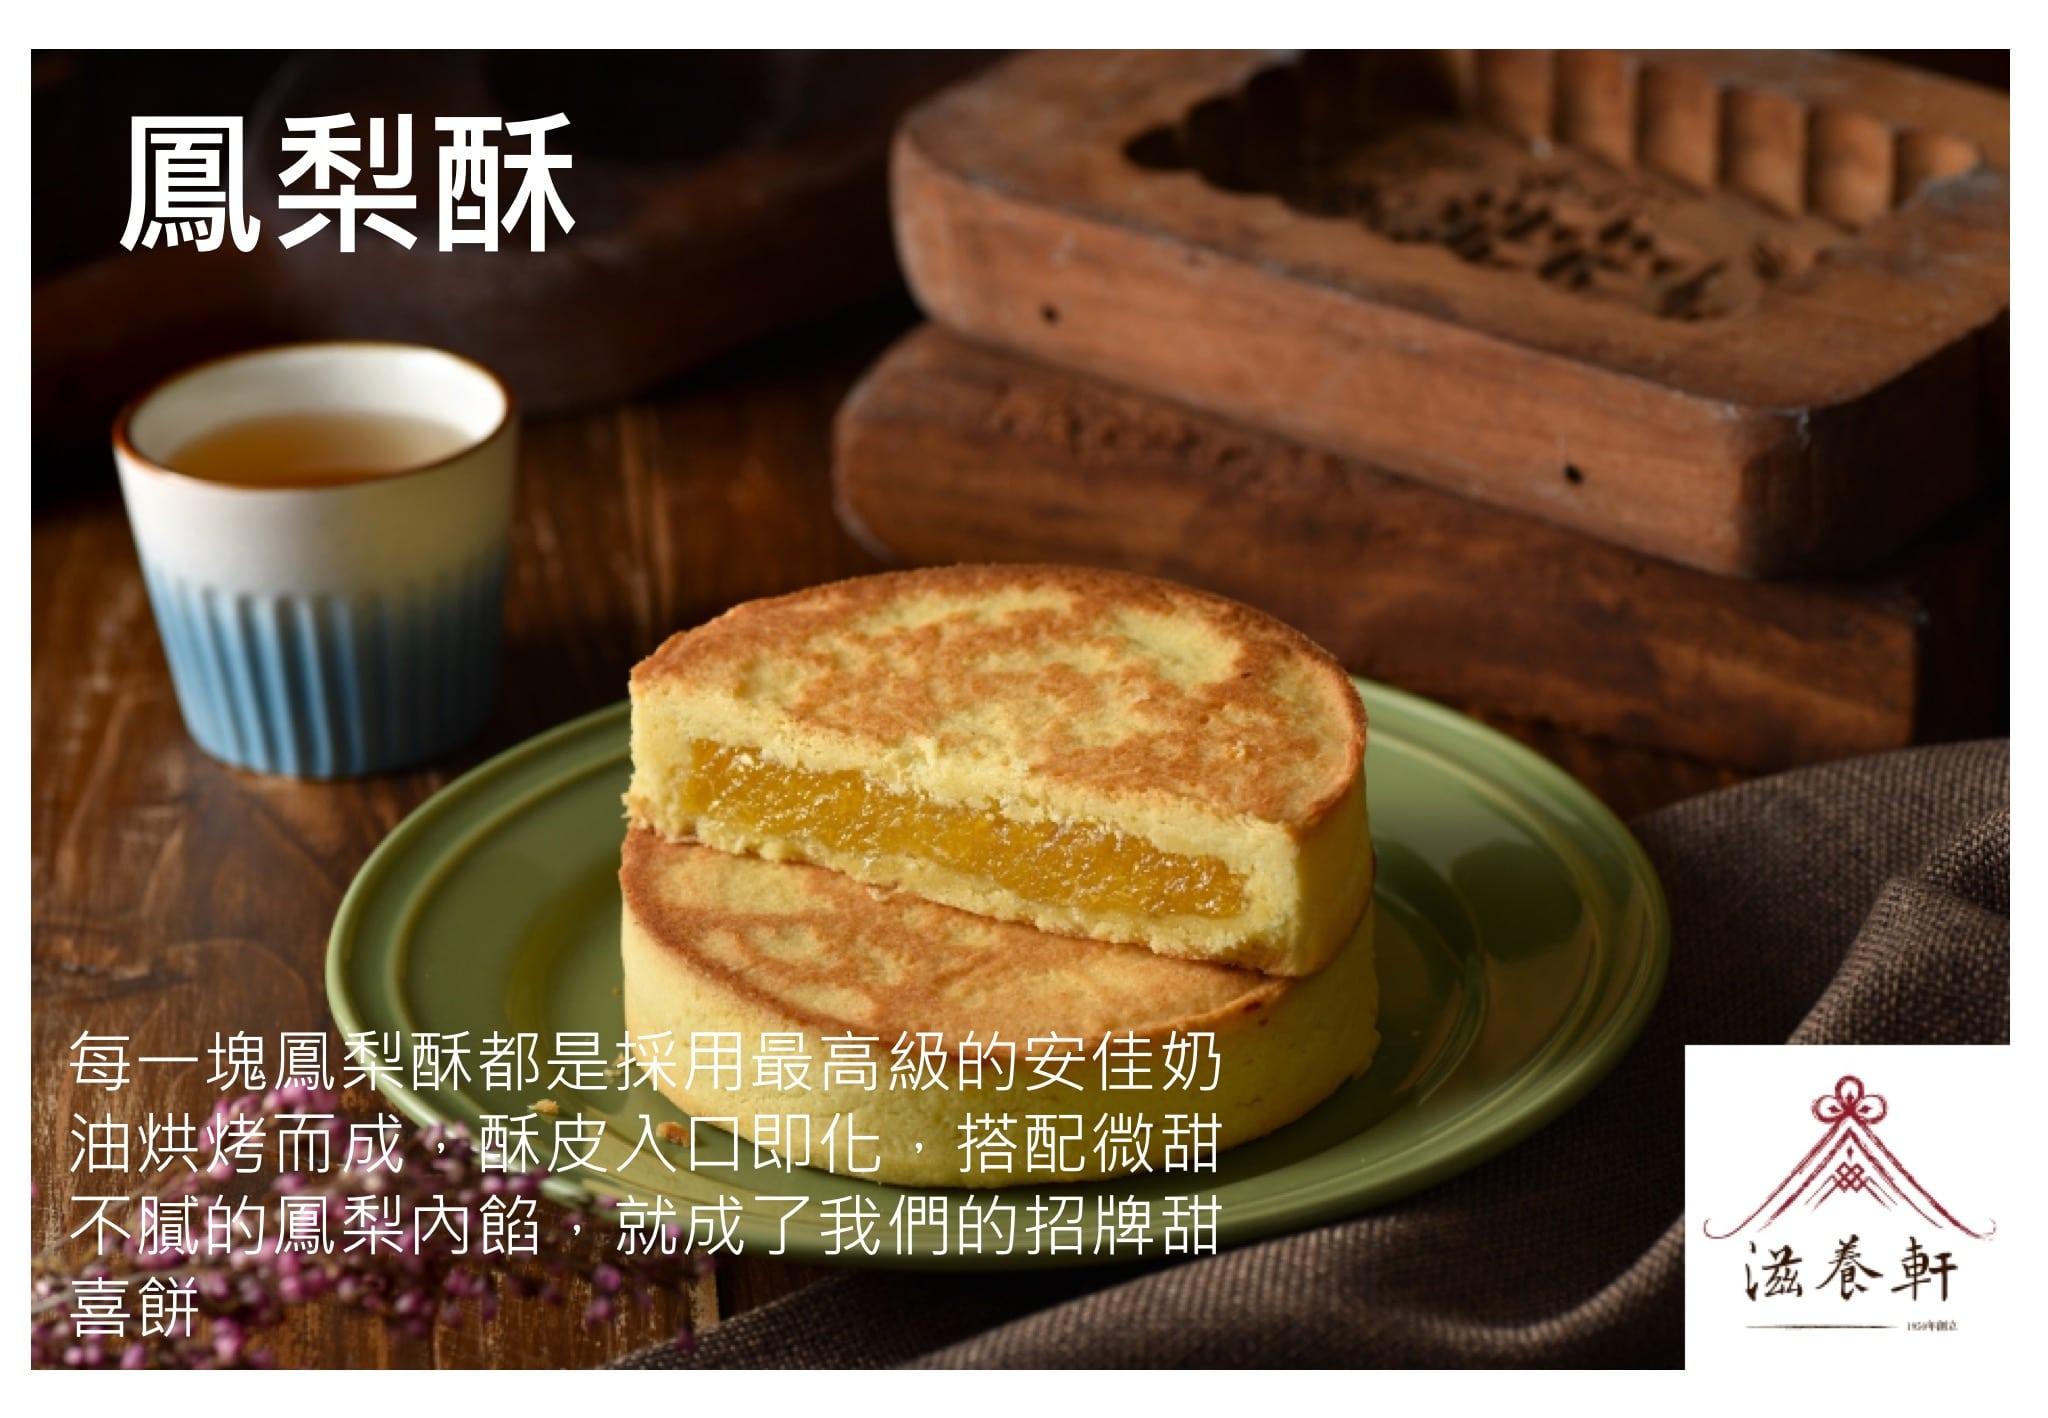 滋養軒鳳梨酥喜餅介紹